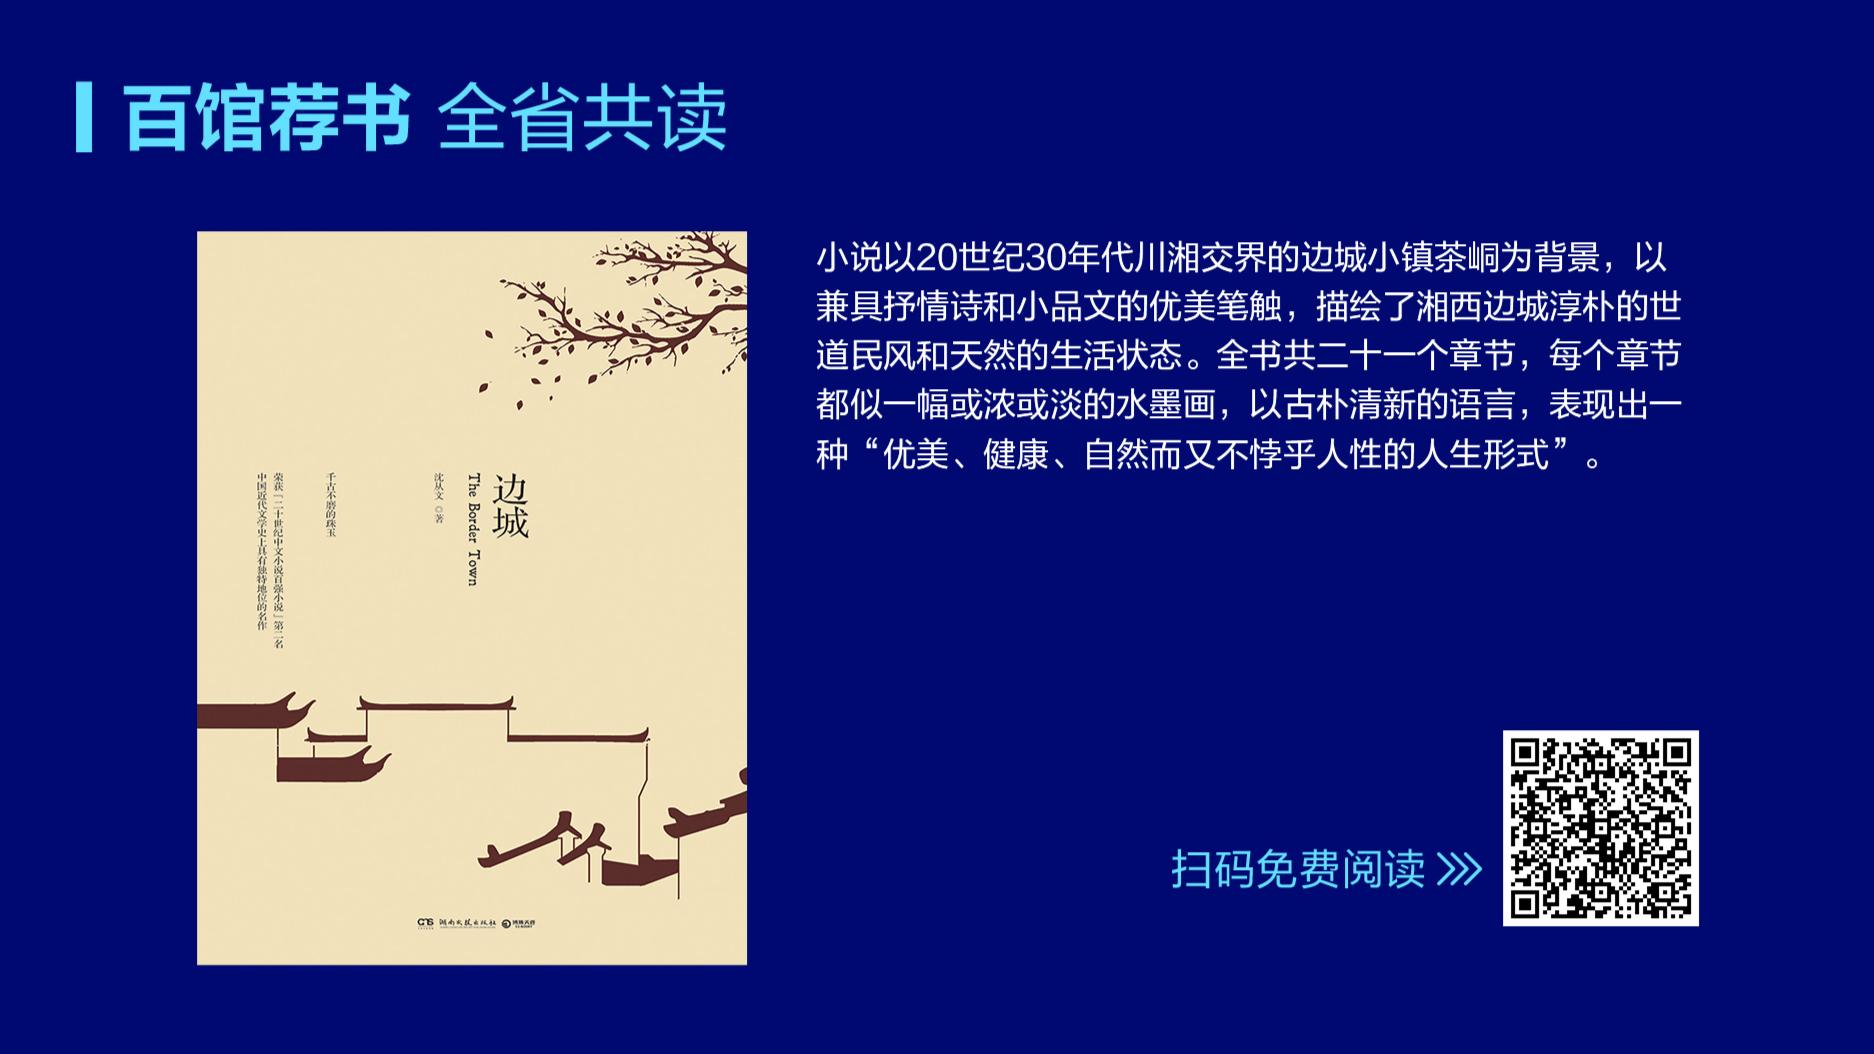 百馆荐书 全省共读:中国文学经典